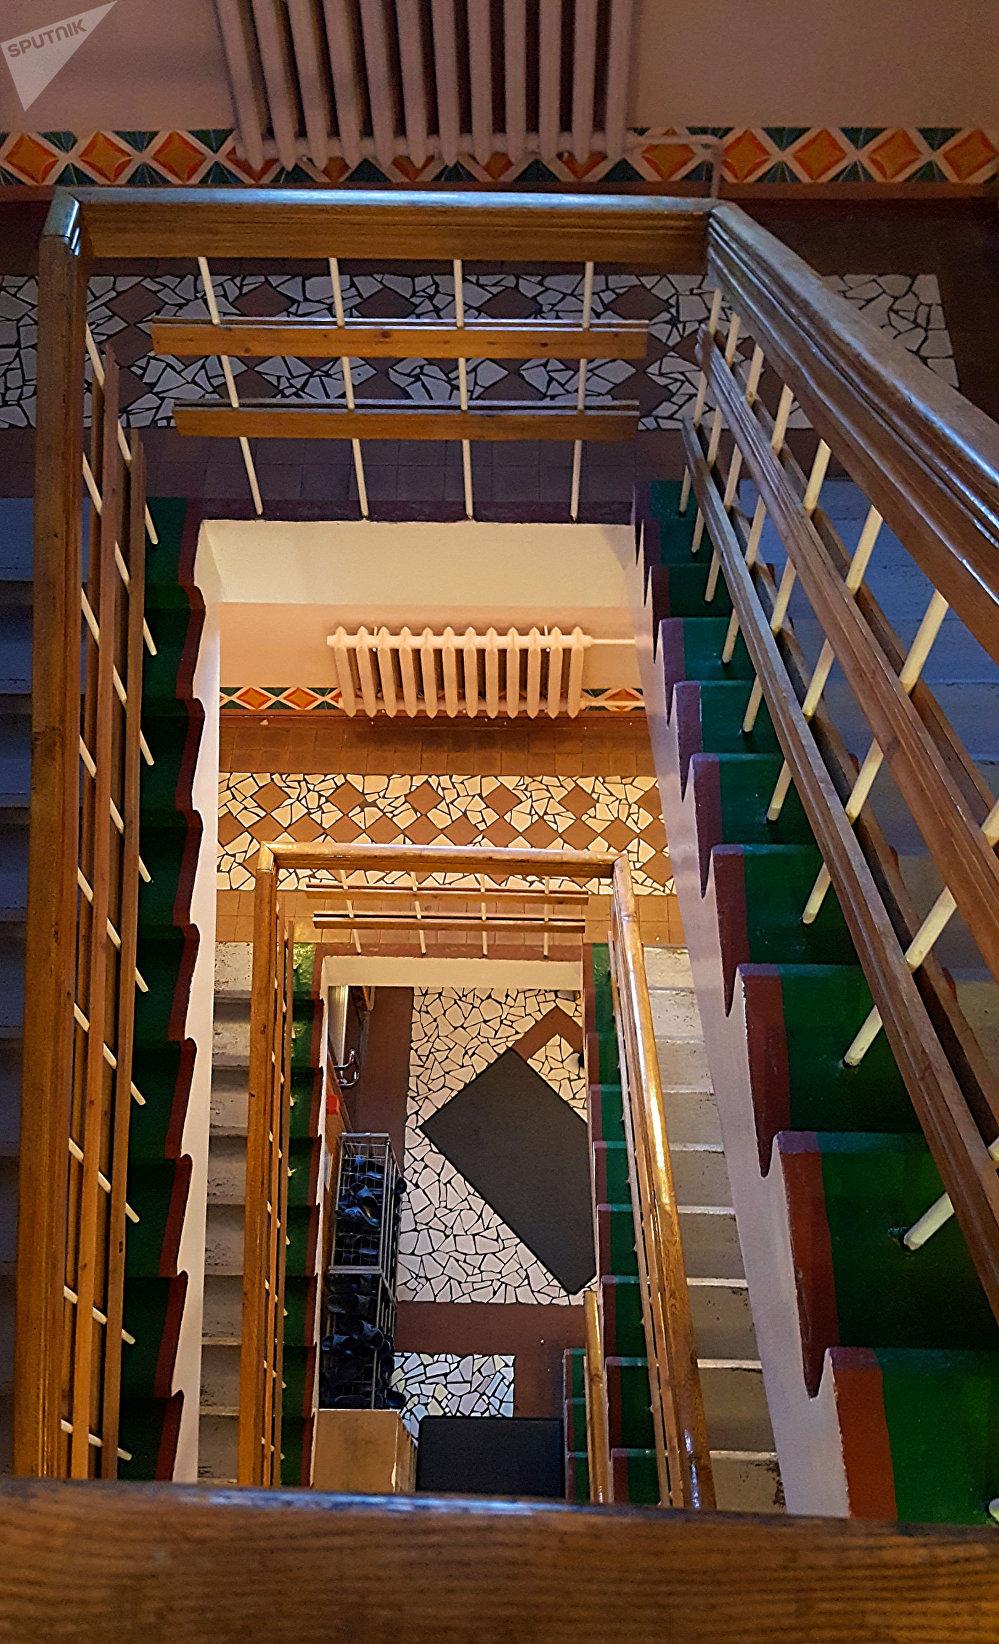 Escaleras del hotel del pueblo Piramida en el archipiélago de Svalbard